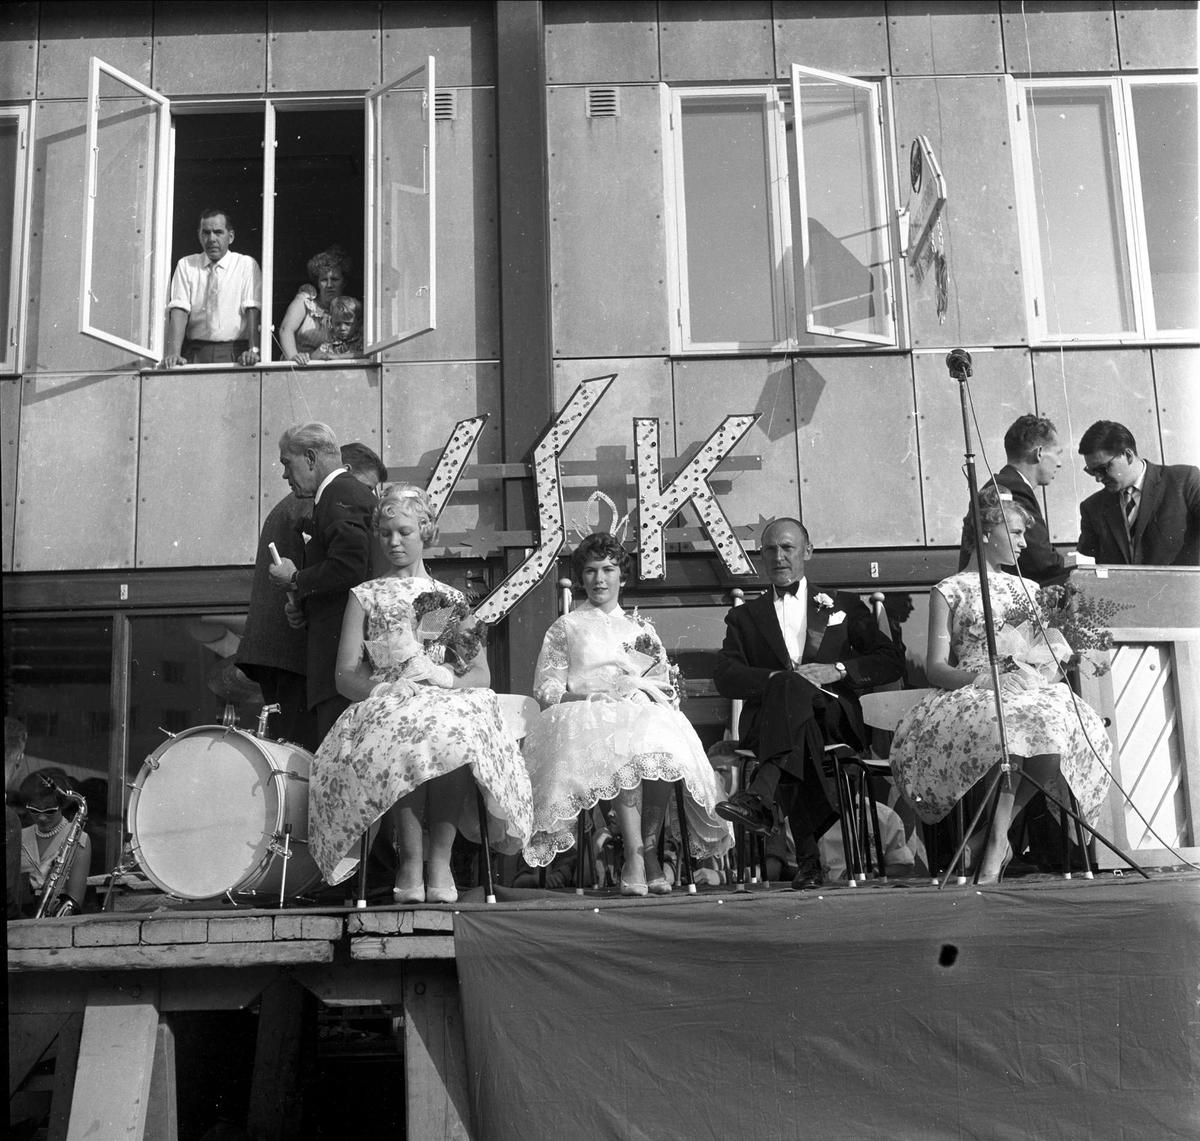 Kåring av Veitvetprinsessen, Veitvet, Oslo, antatt august, 1959.